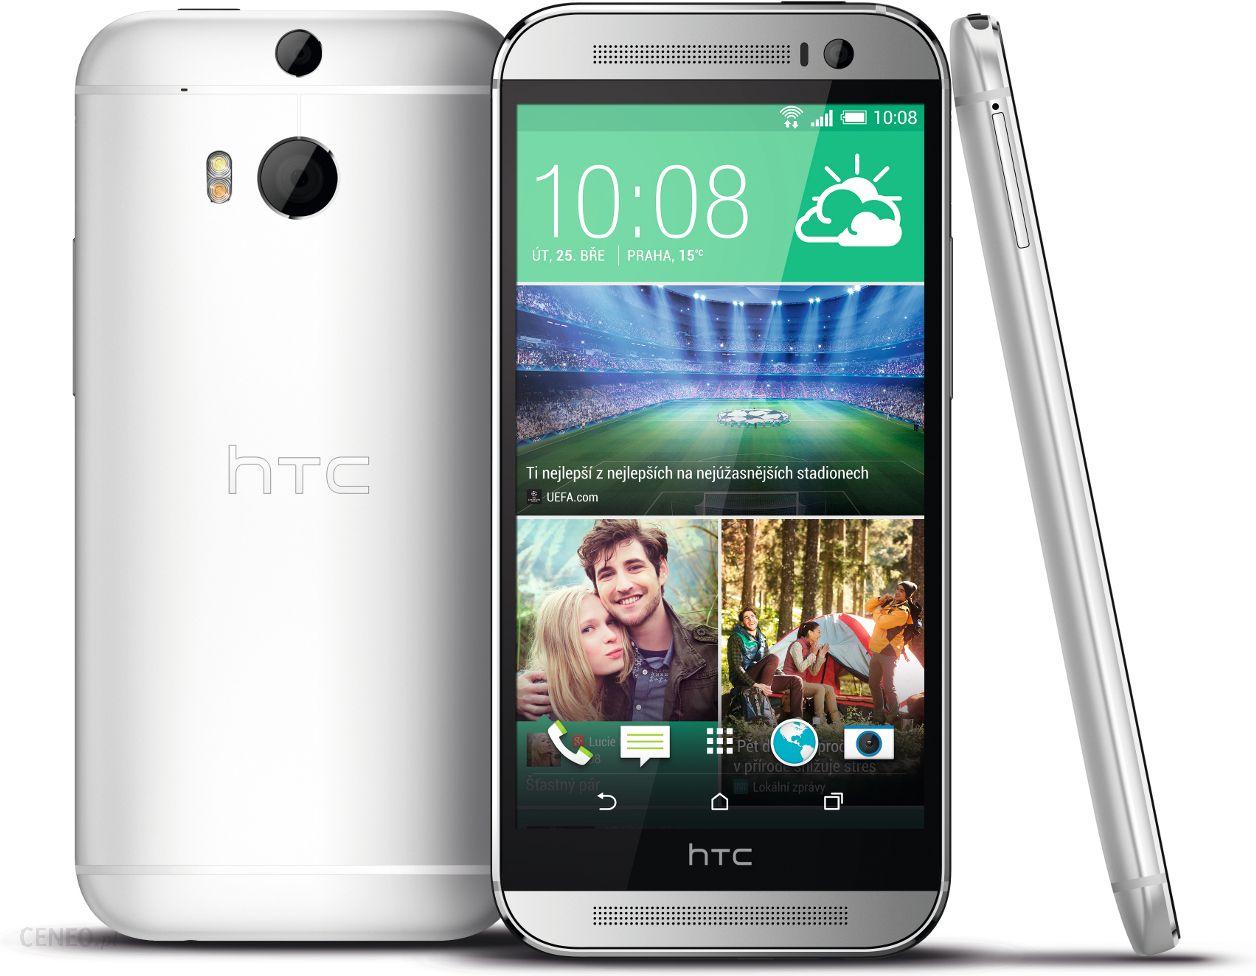 Smartfon Htc One M8 Srebrny Opinie Komentarze O Produkcie 2